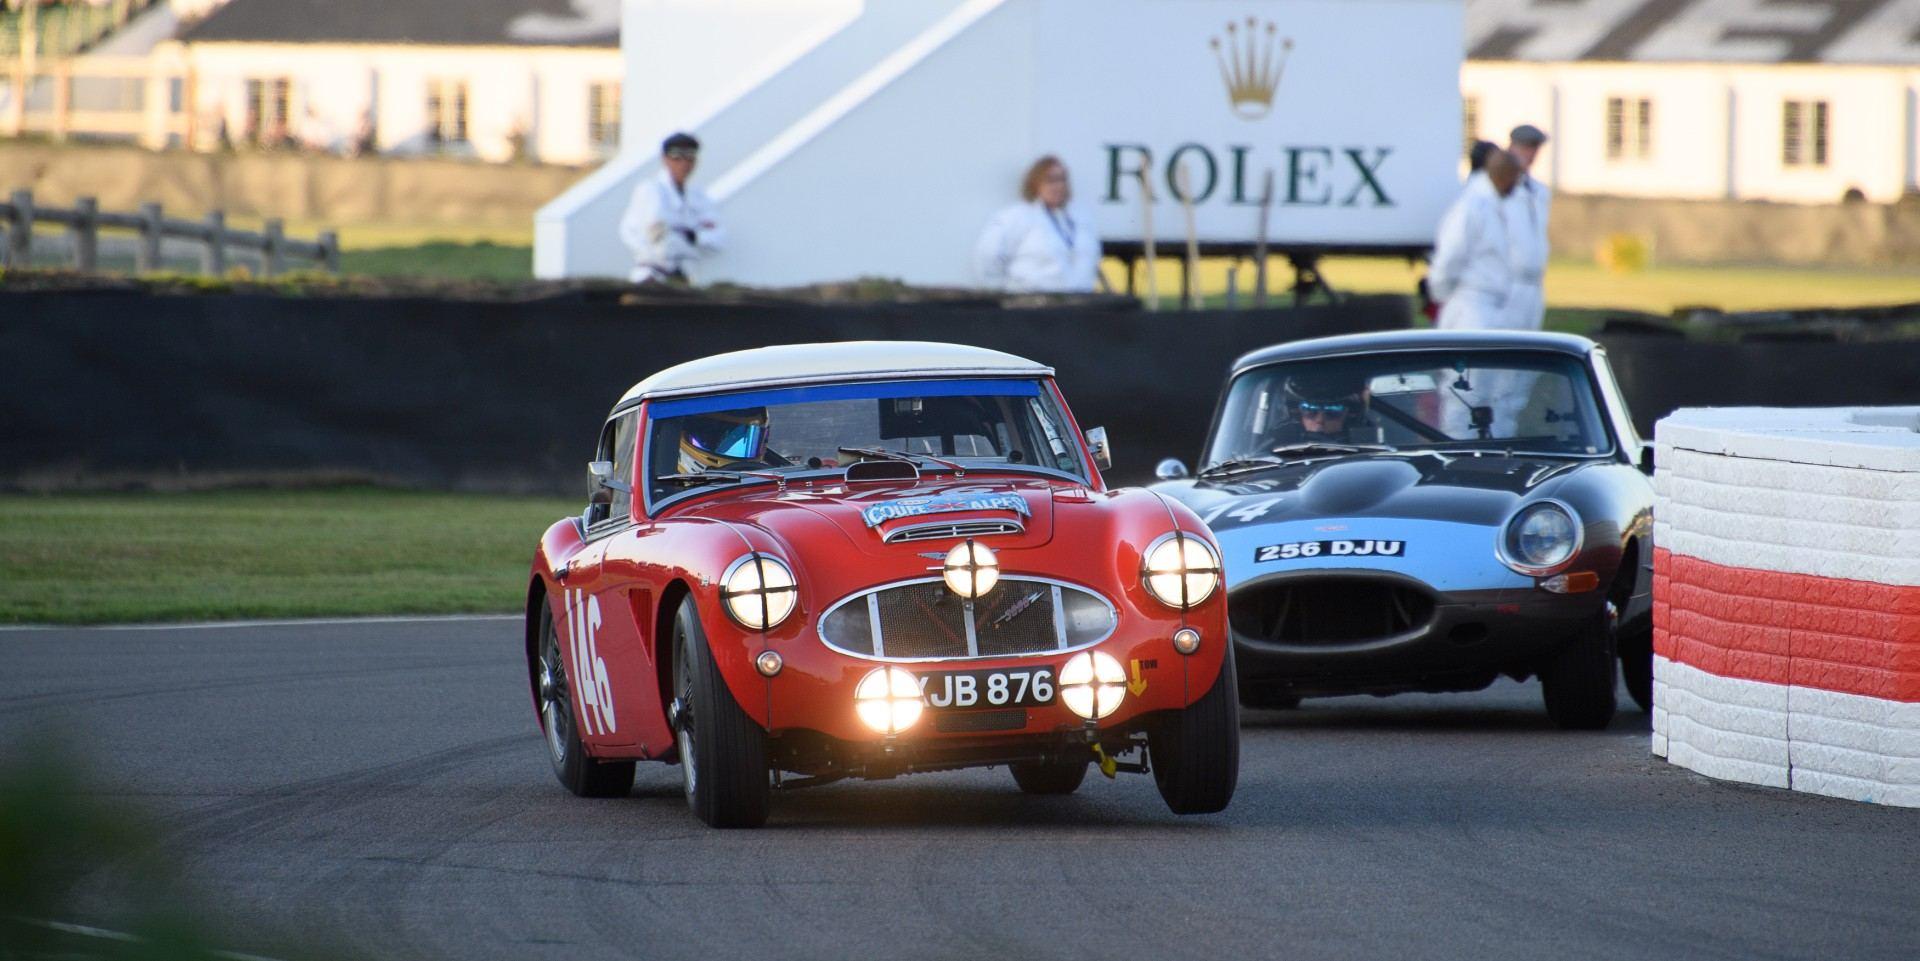 重回昔日輝煌,ROLEX支持古德伍德古董車盛會(Goodwood Revival)向汽車傳統與風格致敬